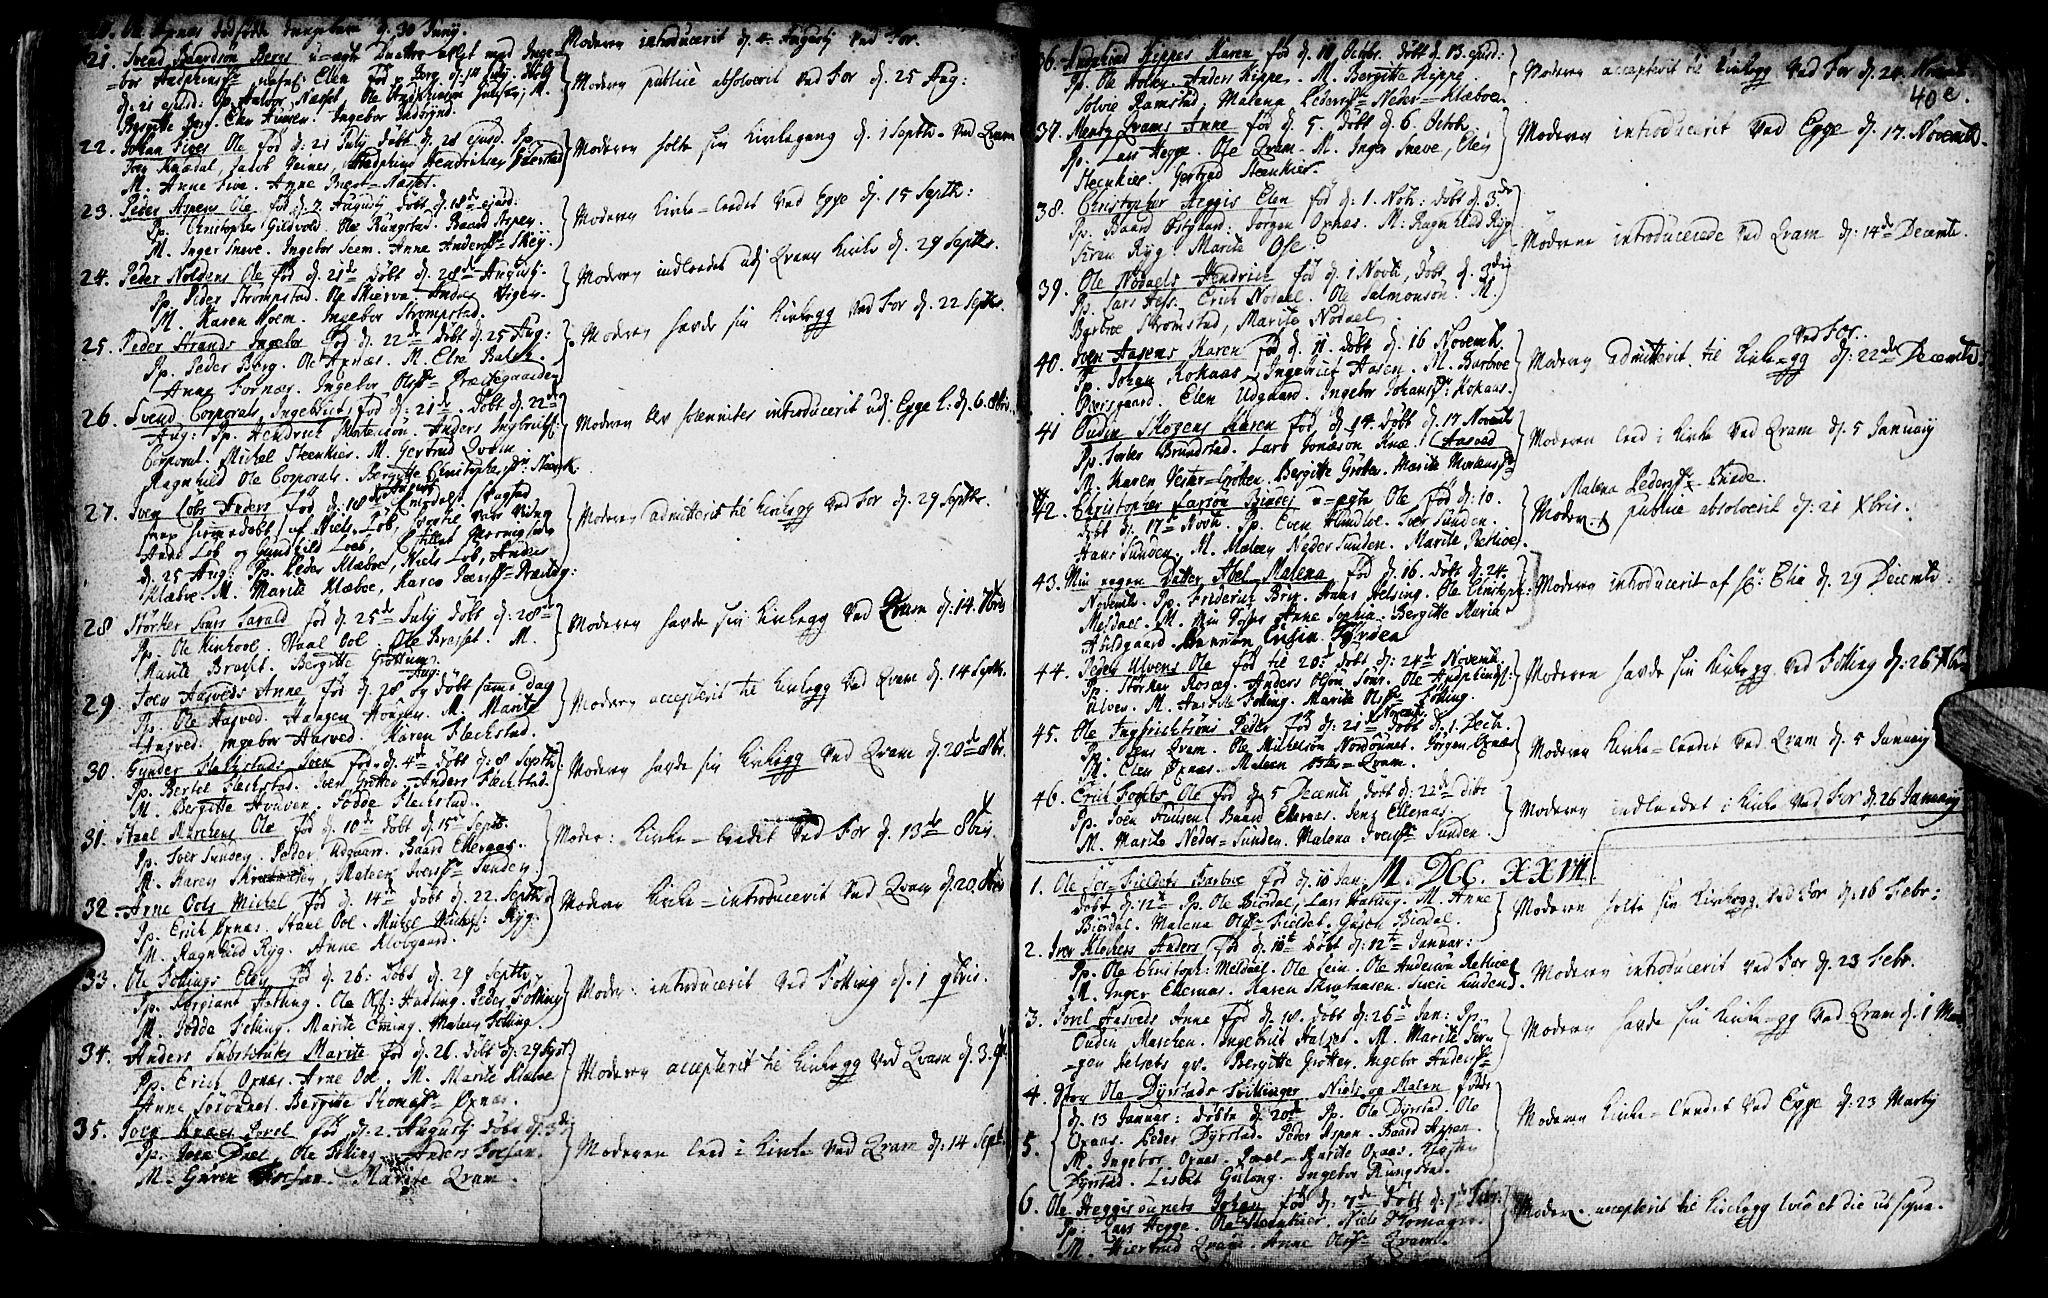 SAT, Ministerialprotokoller, klokkerbøker og fødselsregistre - Nord-Trøndelag, 746/L0439: Ministerialbok nr. 746A01, 1688-1759, s. 40f